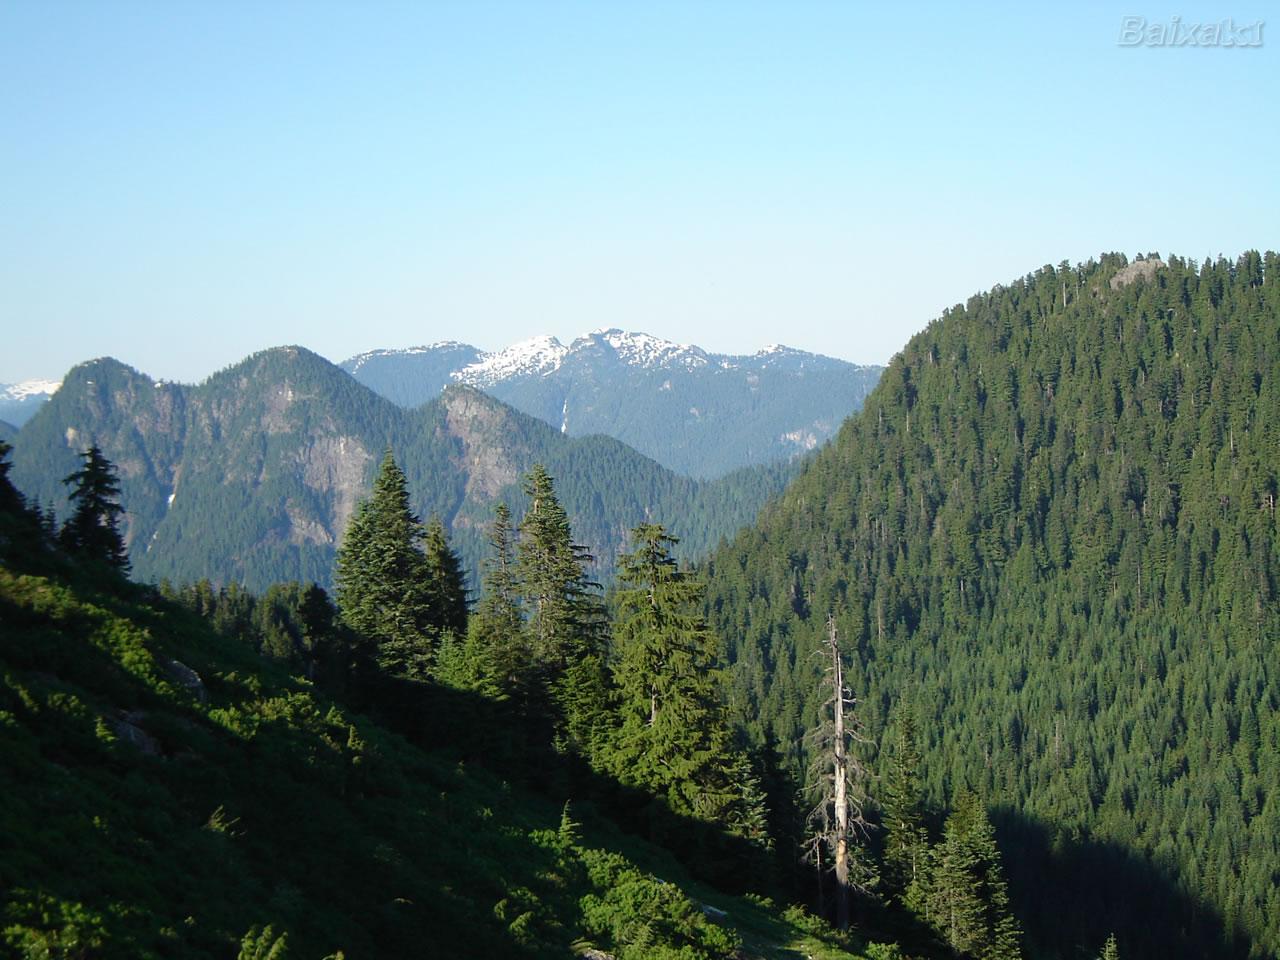 http://3.bp.blogspot.com/-LQtjqR0vVW4/TqiVfP2gb3I/AAAAAAAADw8/o5FVwDaOQpI/s1600/BXK223212_montanhas-de-vancouver-canada800.jpg